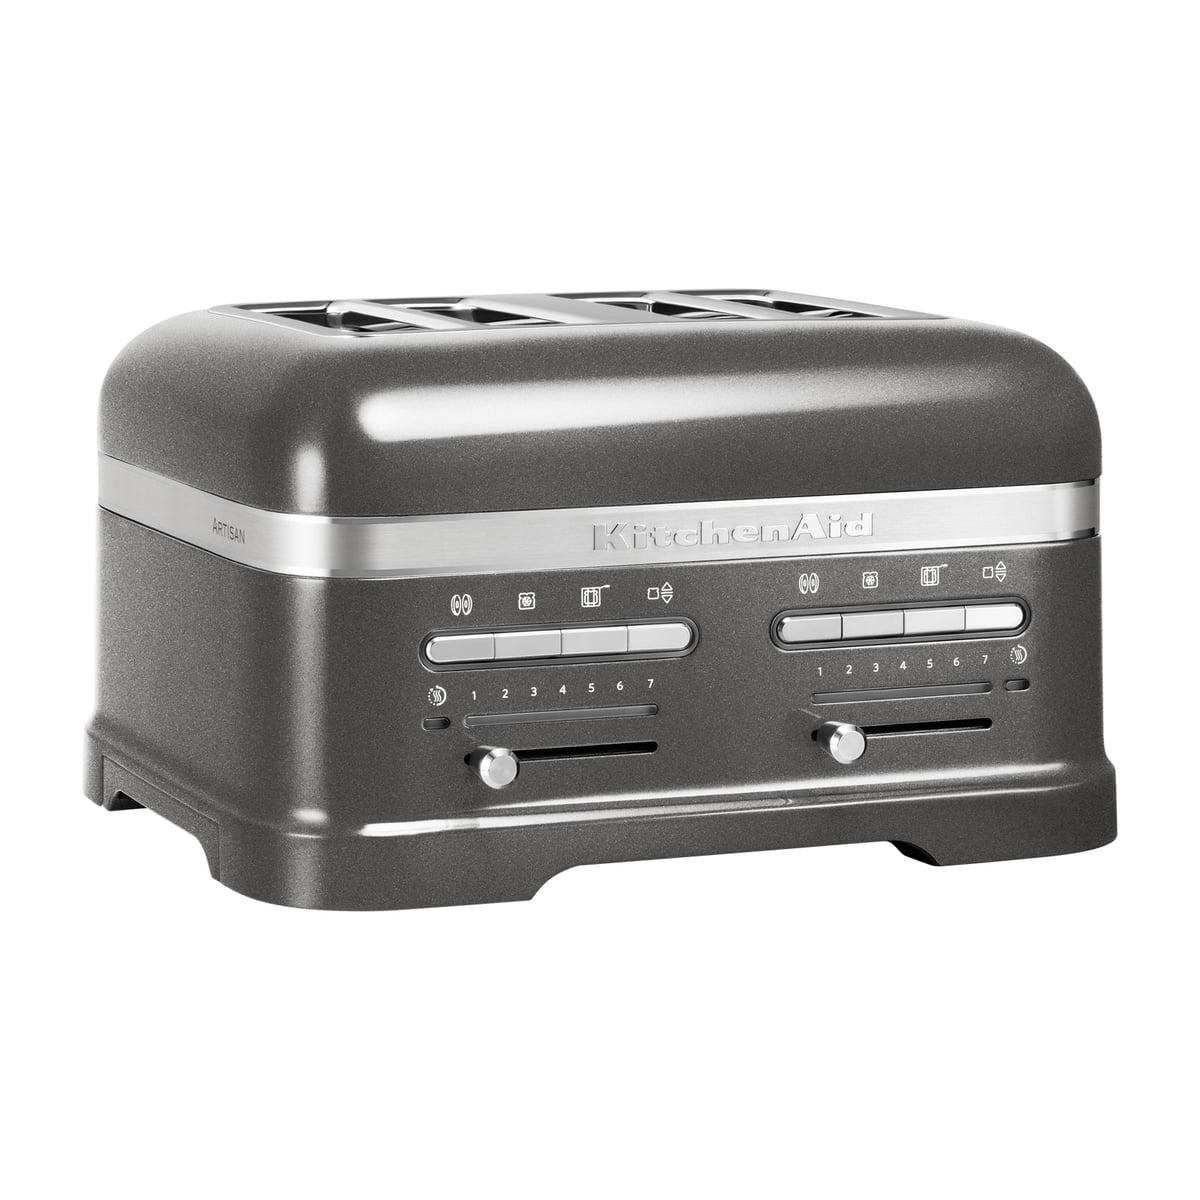 Kitchen Aid KitchenAid - Artisan Toaster 5KMT4205E, 4 Scheiben, medallion silber   Küche und Esszimmer > Küchengeräte > Toaster   Silber   Aluminiumdruckguss   Kitchen Aid